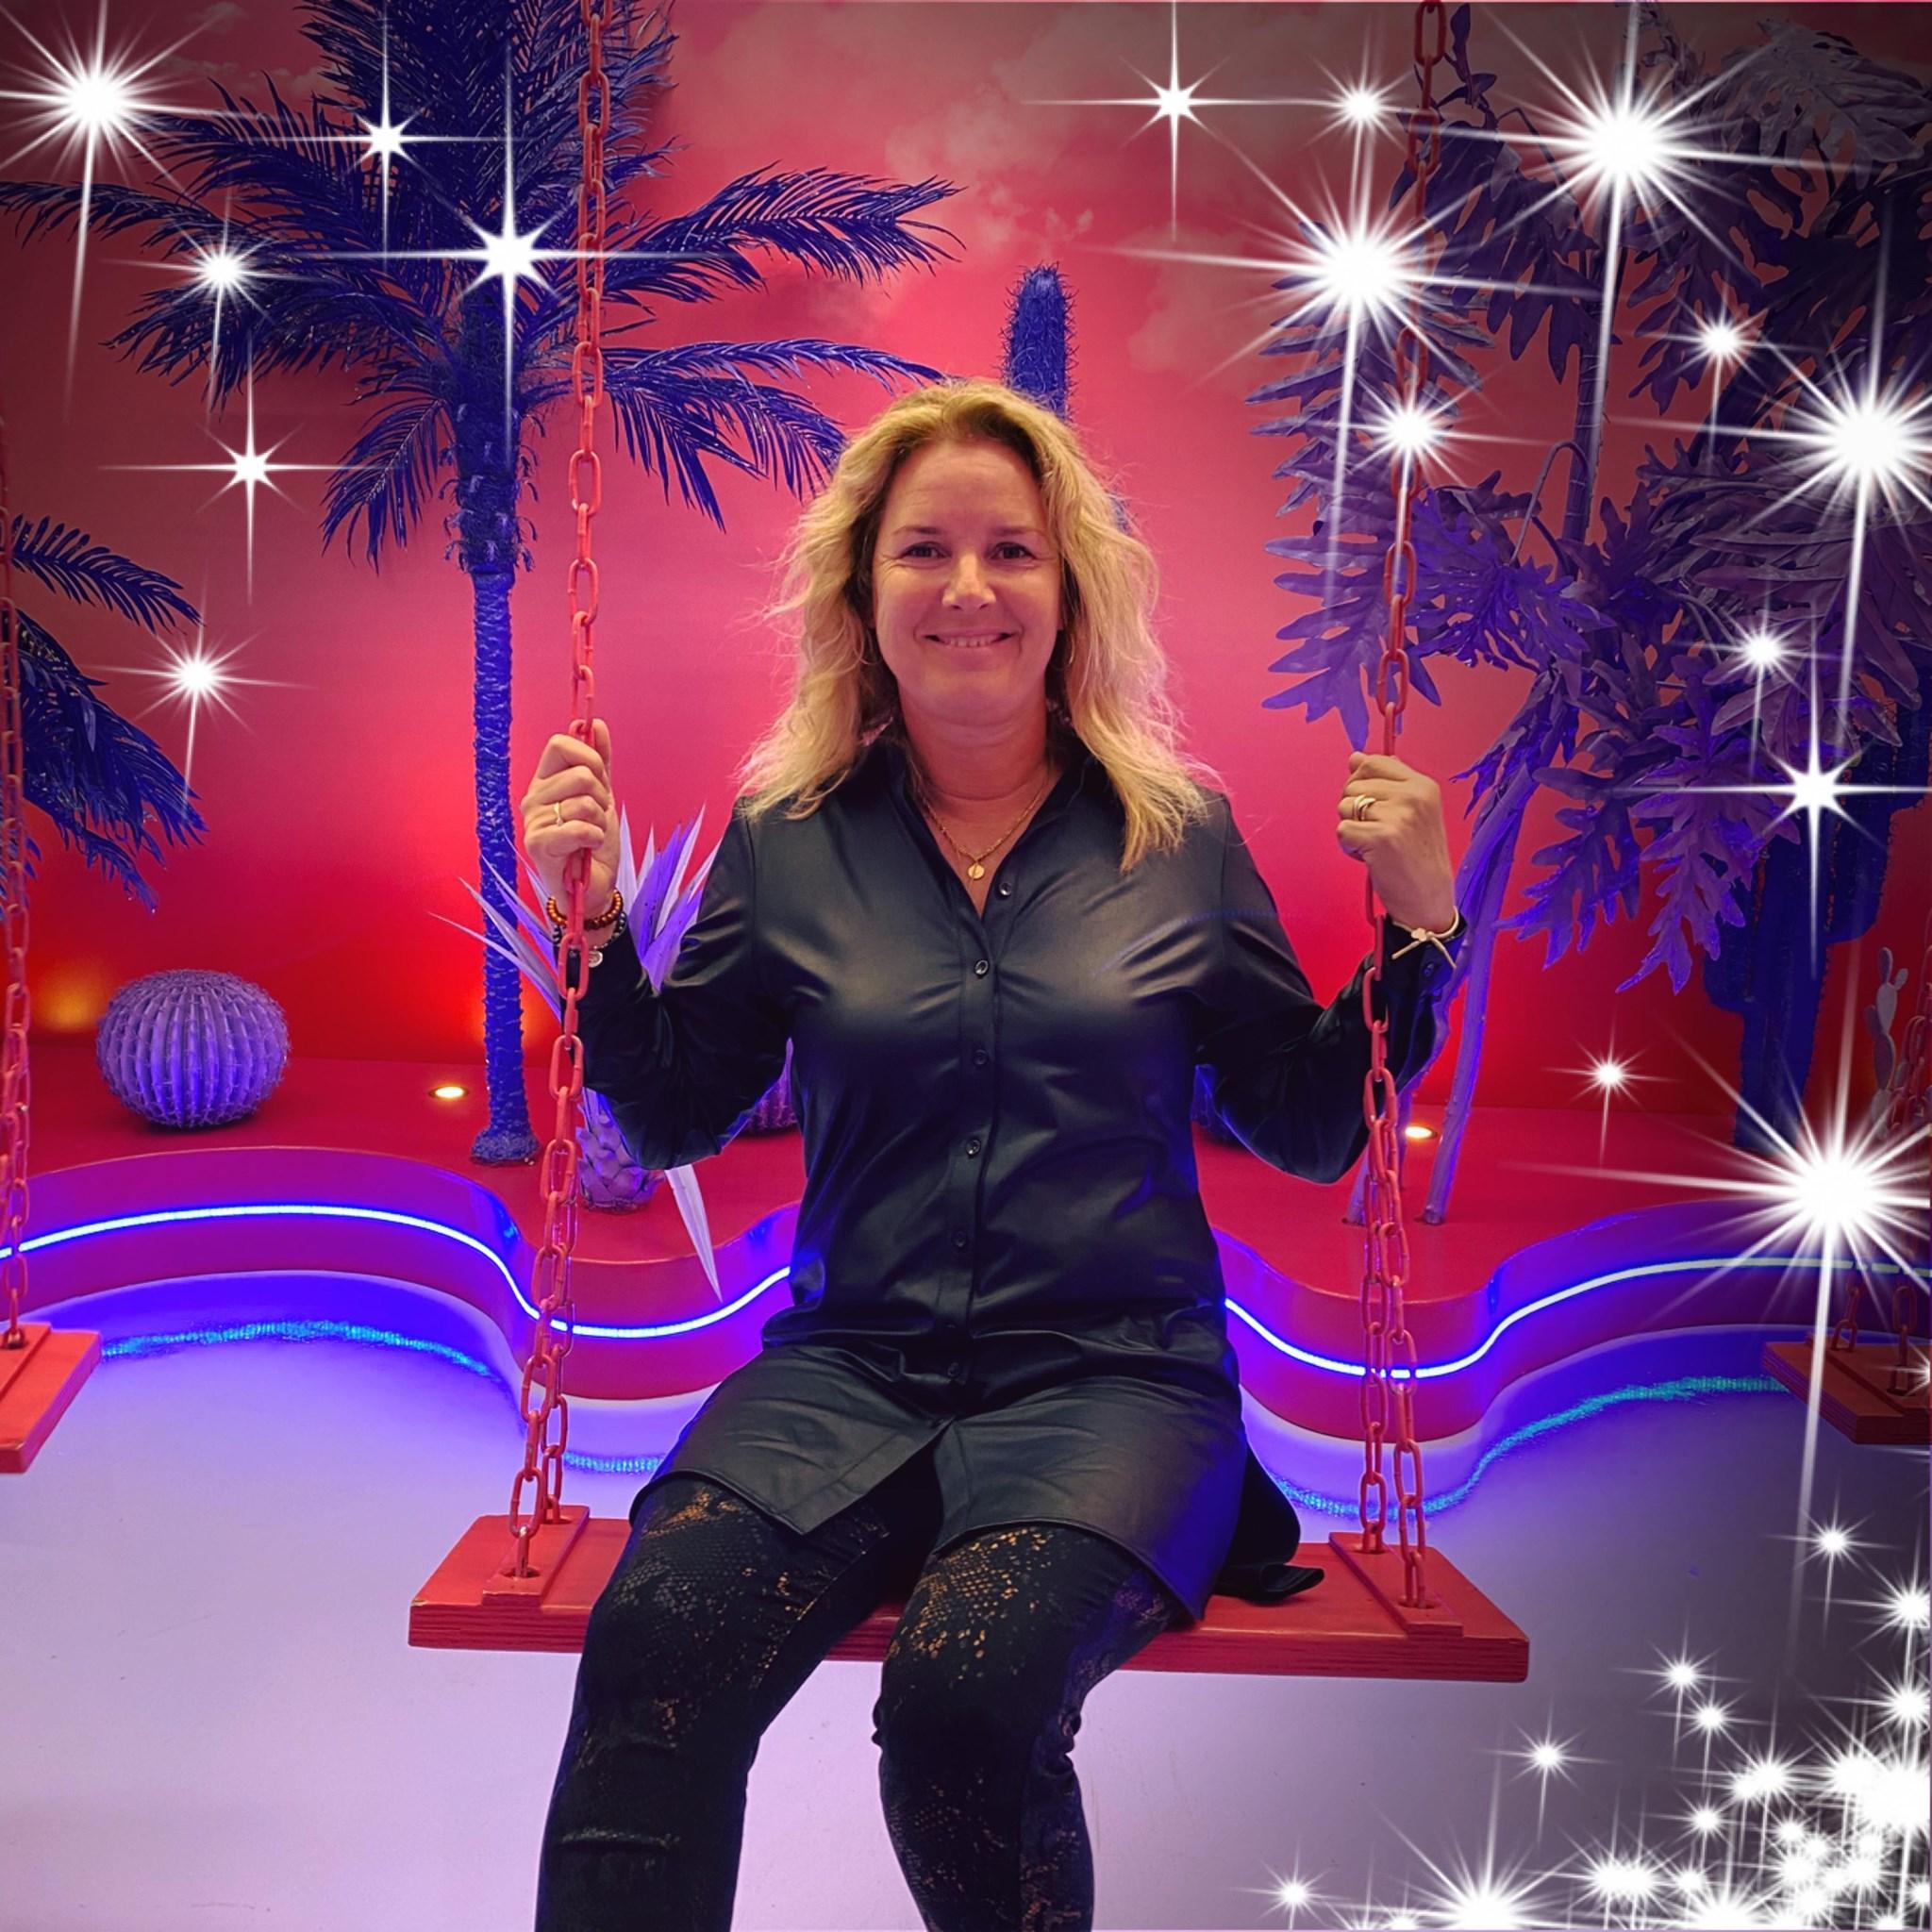 Santpoortse Maaike Bouwens voert actie voor Voedsel op de plank in IJmuiden: 'Ik vind dat iedereen Sinterklaas moet kunnen vieren'